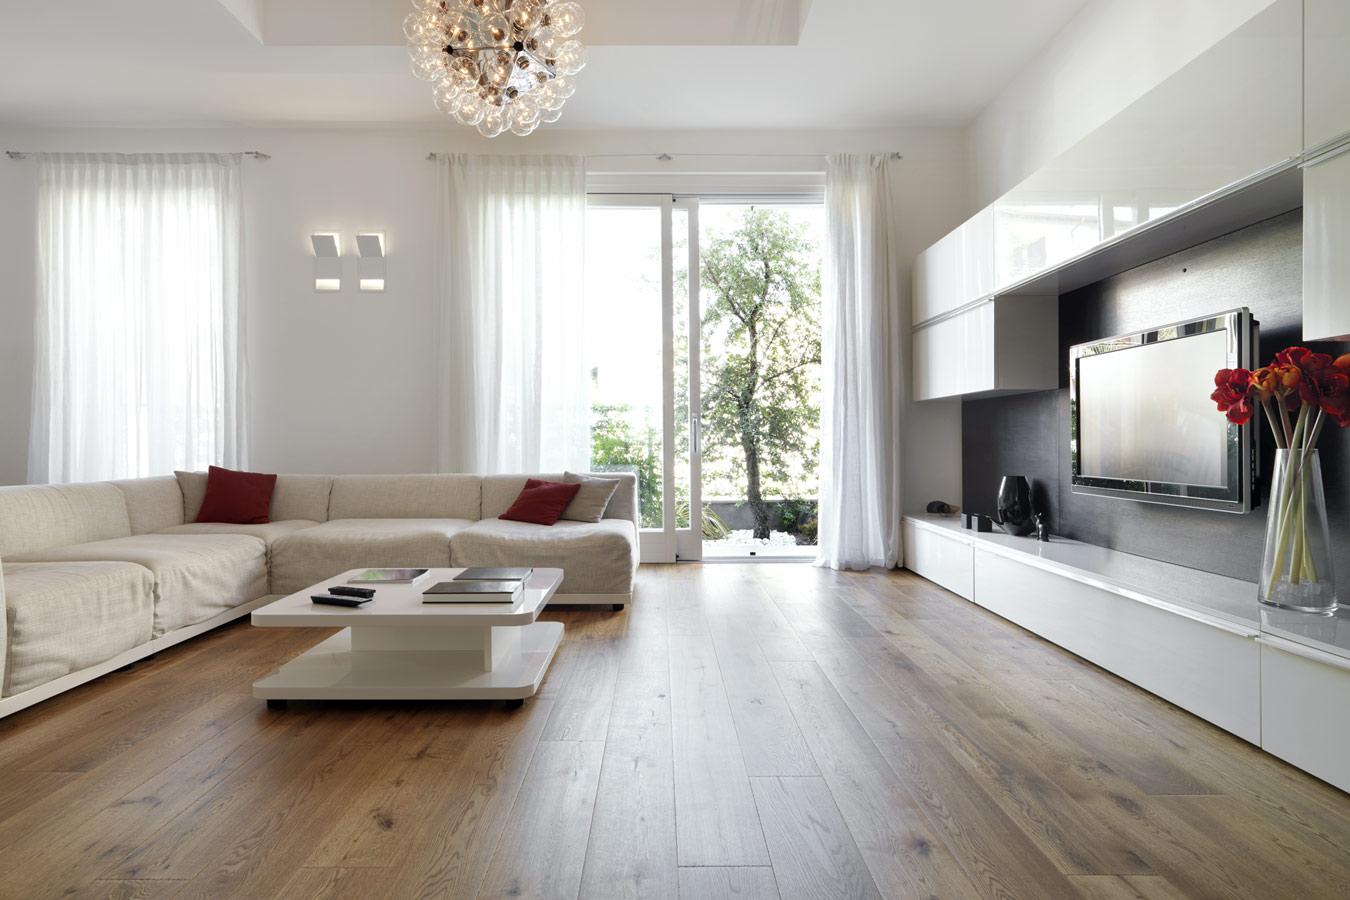 ideeën voor een moderne woonkamer | inspiratie, Deco ideeën